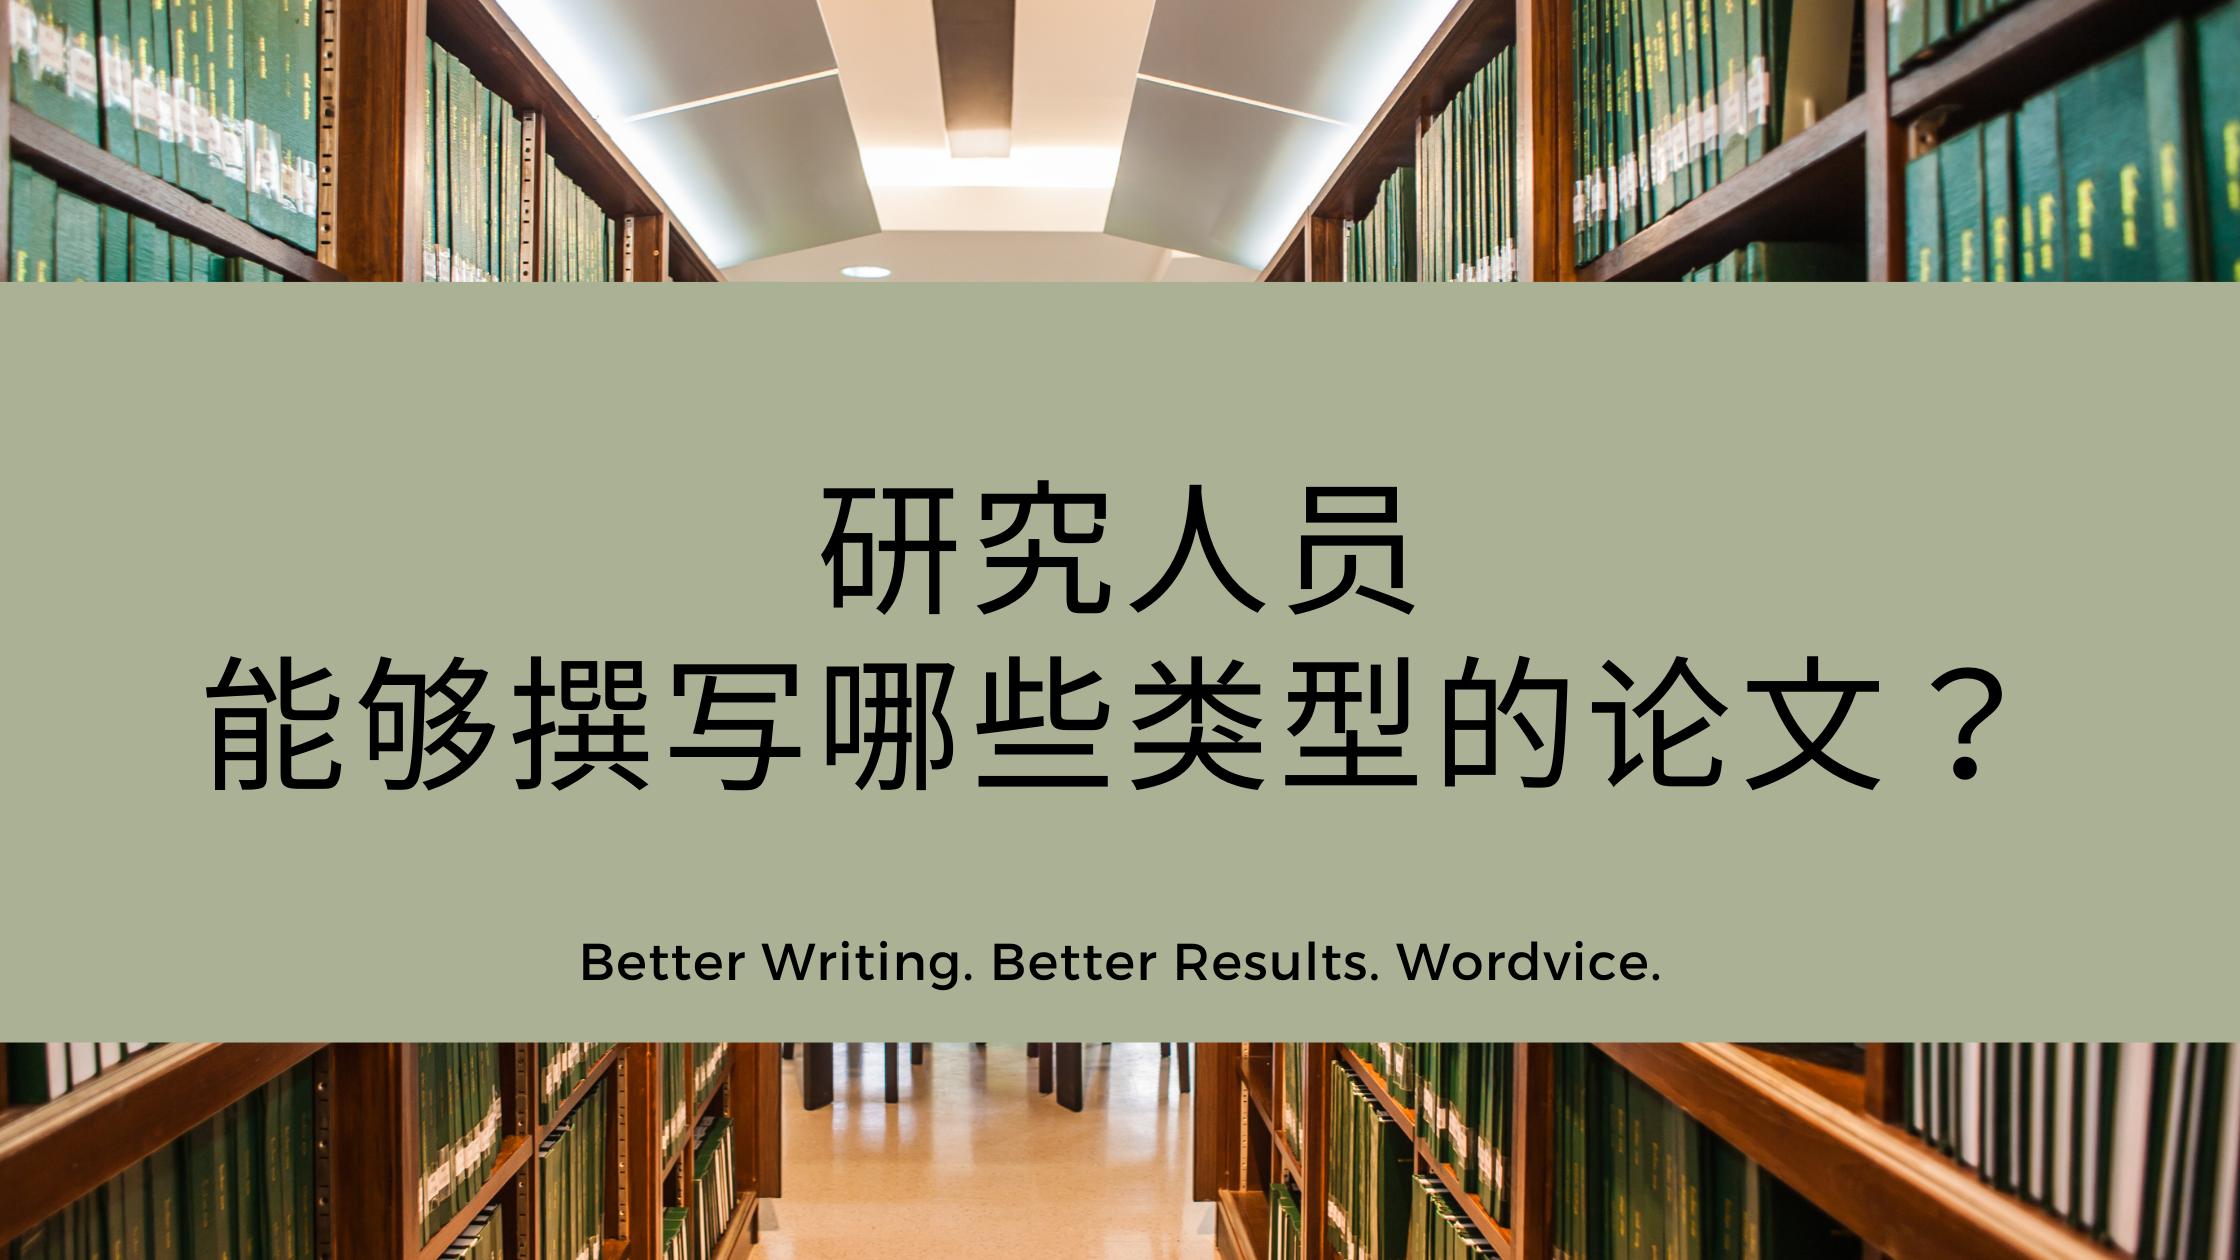 研究人员能够撰写哪些类型的论文1.png